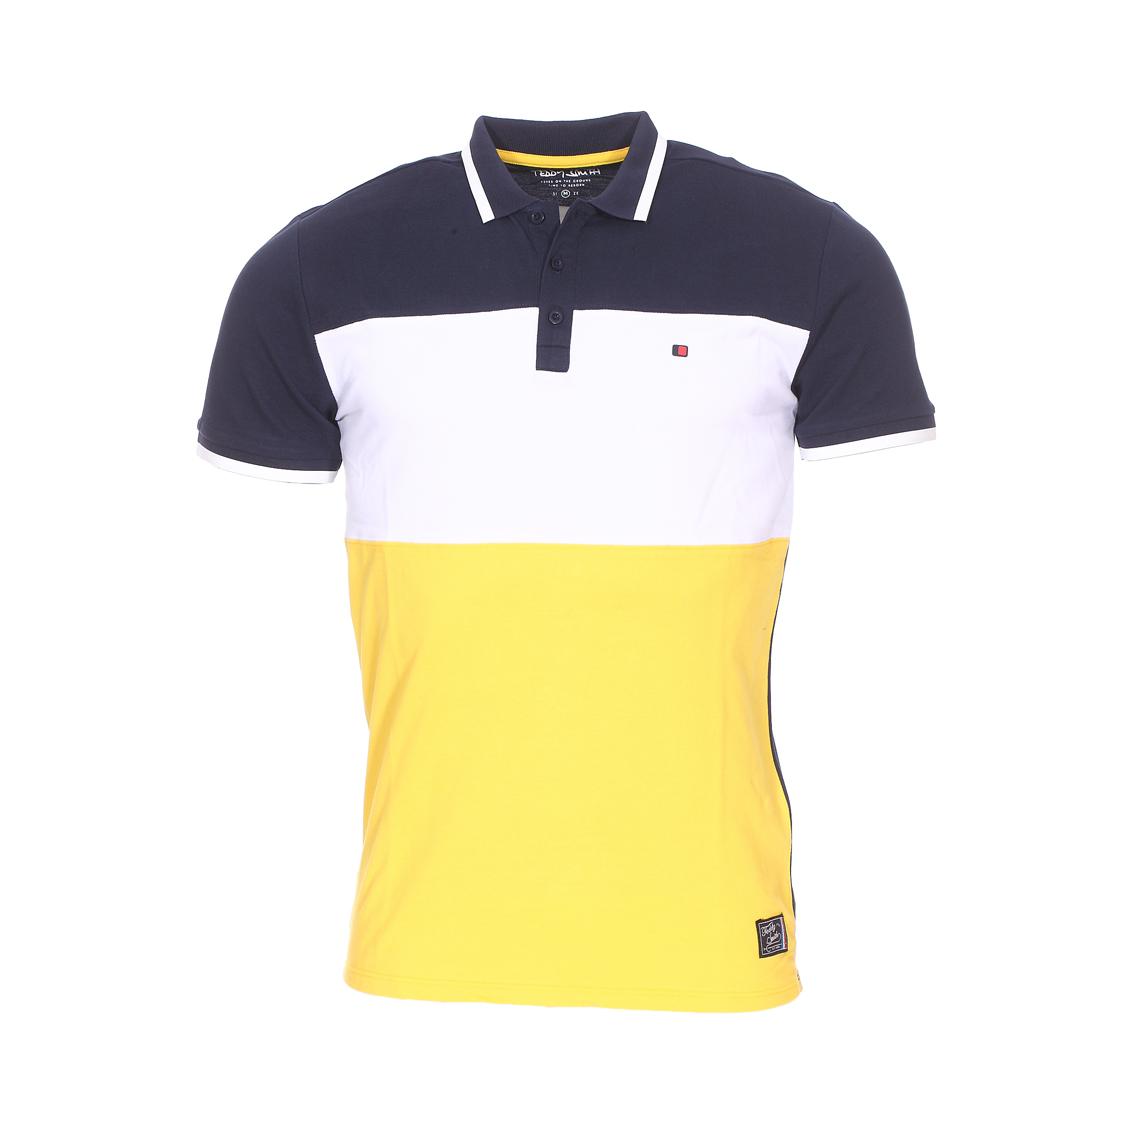 Polo  prover en coton piqué bleu marine, blanc et jaune